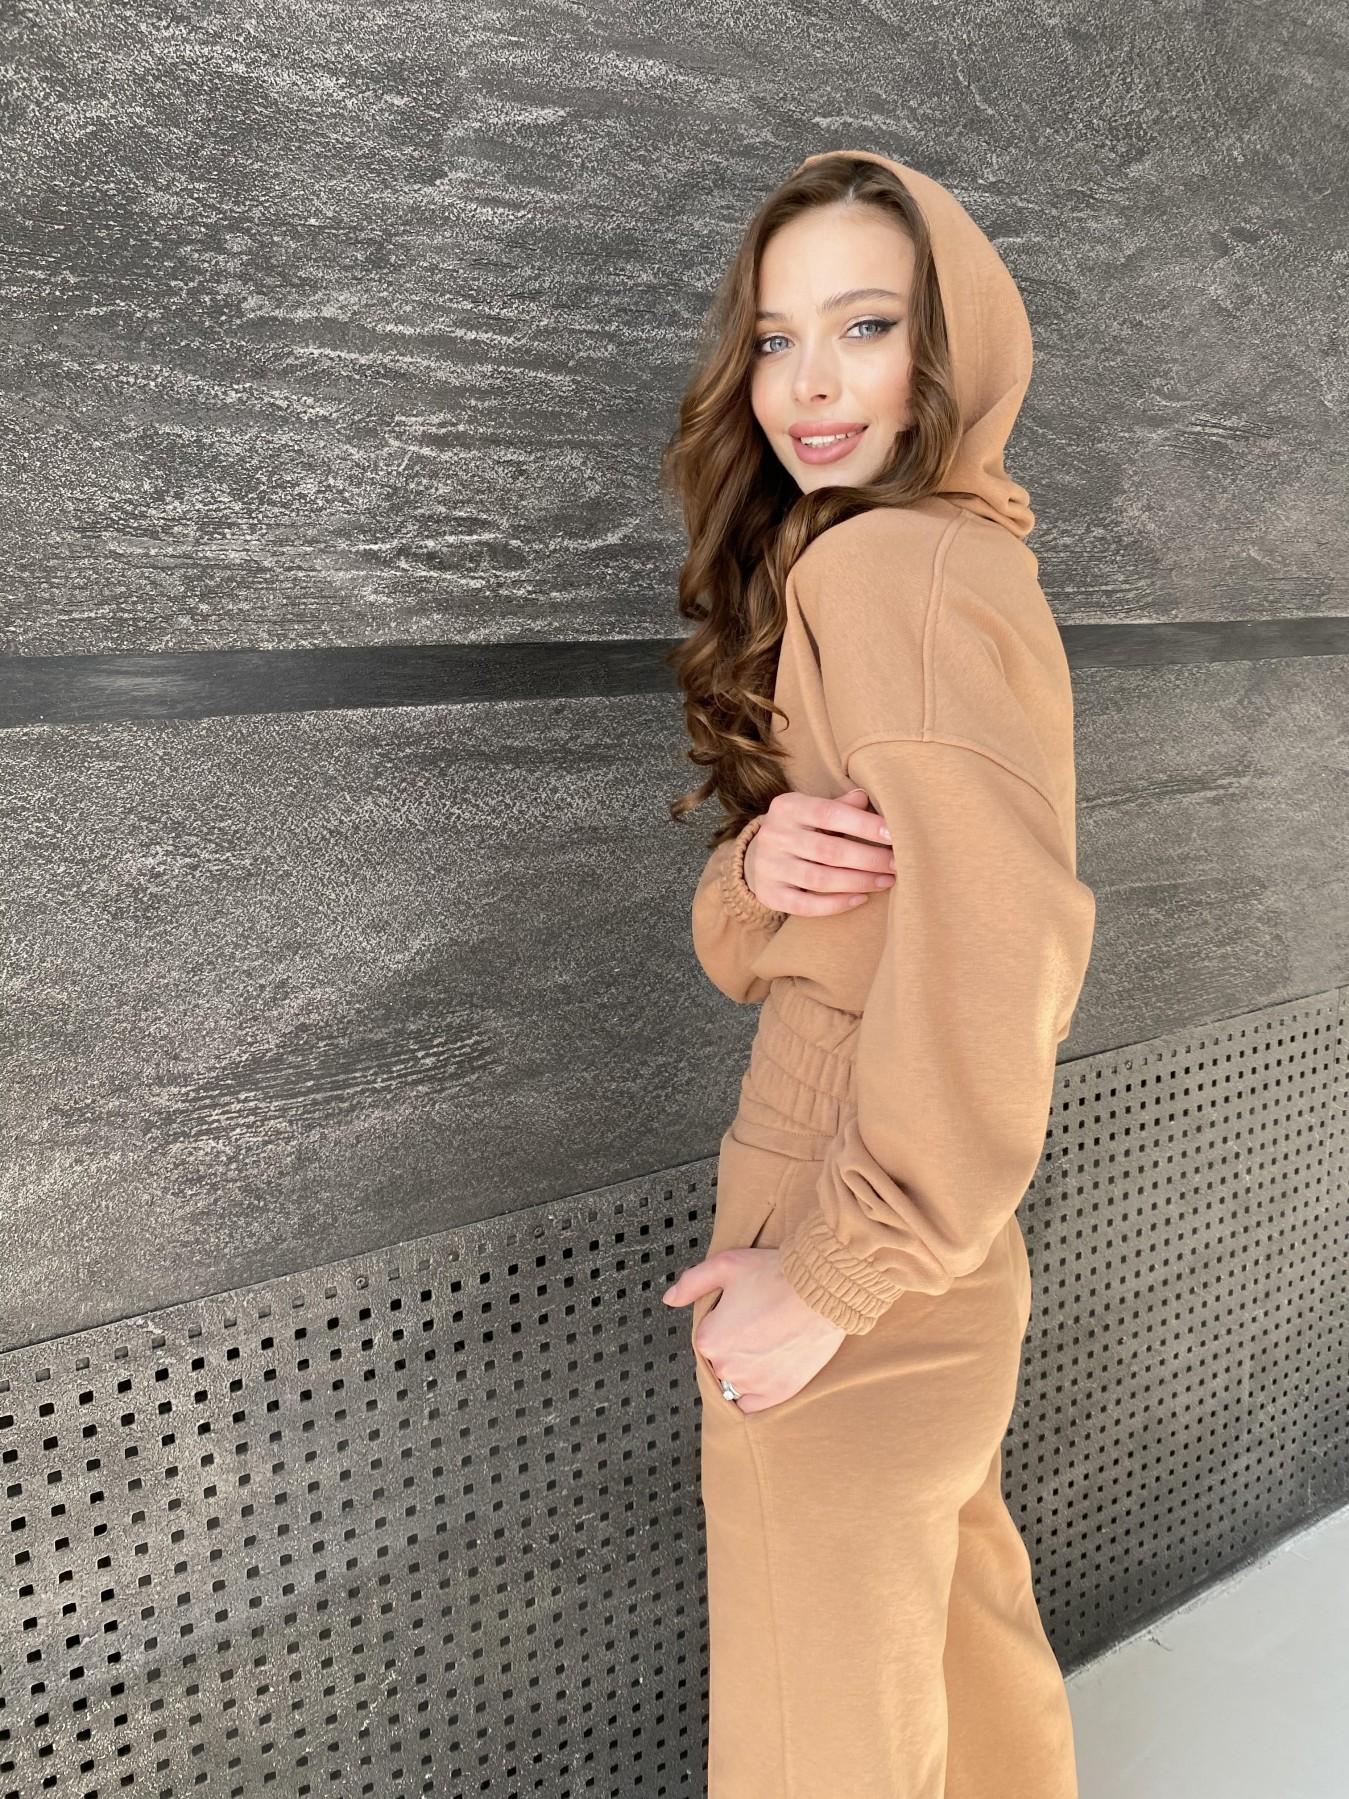 Бейби  прогулочный костюм из 3х нитки 10812 АРТ. 47284 Цвет: Кемел - фото 8, интернет магазин tm-modus.ru